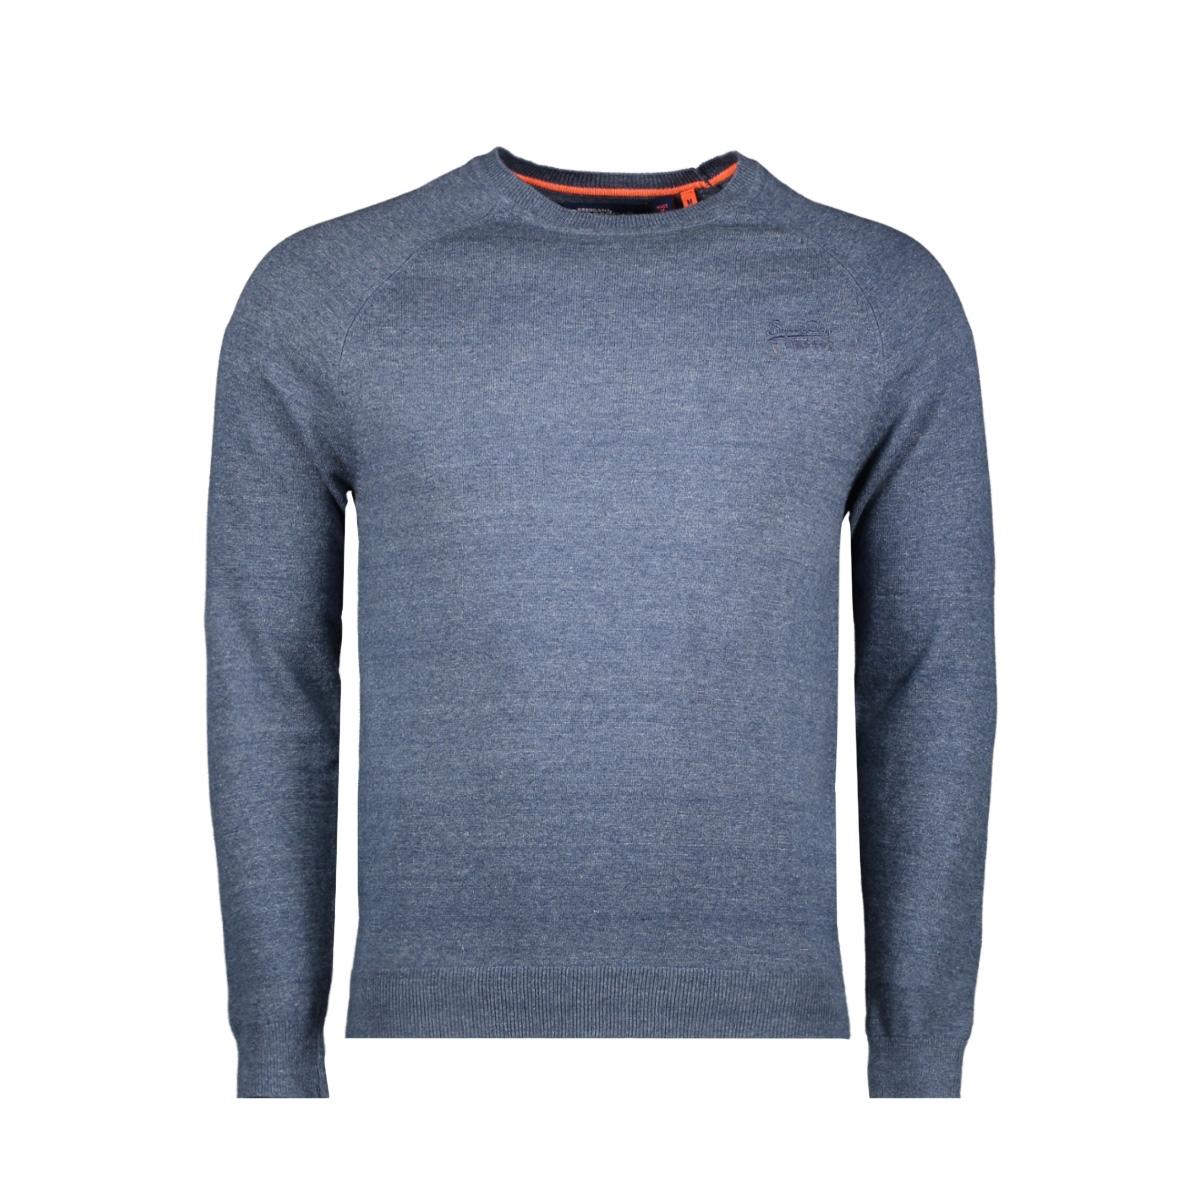 orange label cotton crew m6100025a superdry trui buck blue grindle